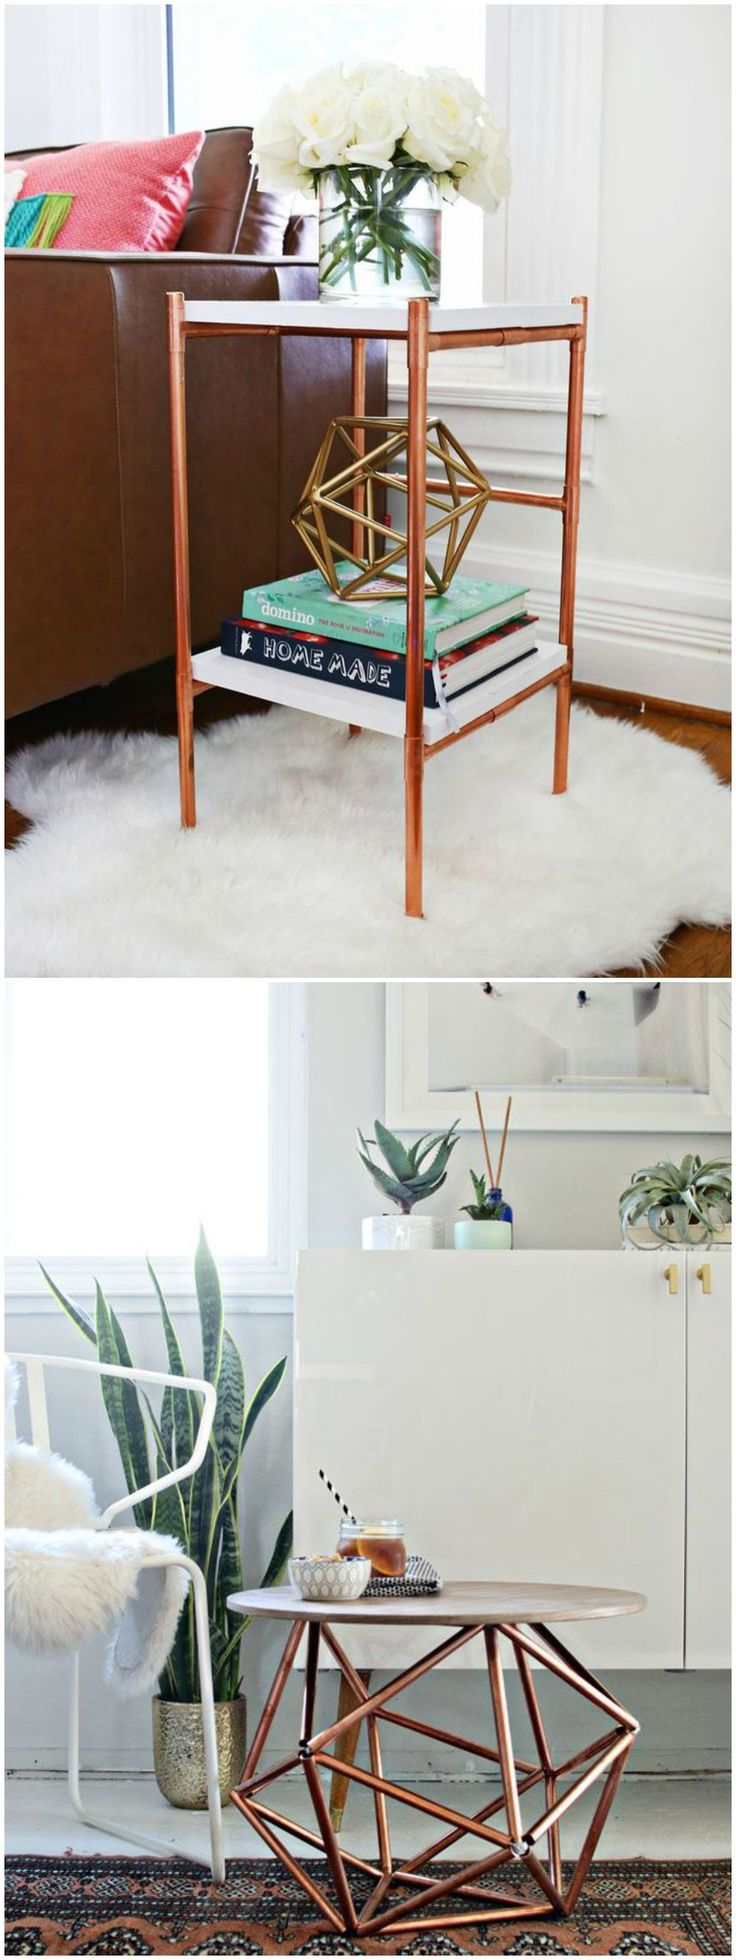 DIY con tubos de cobre. Visto en www.ecodecomobiliario.com